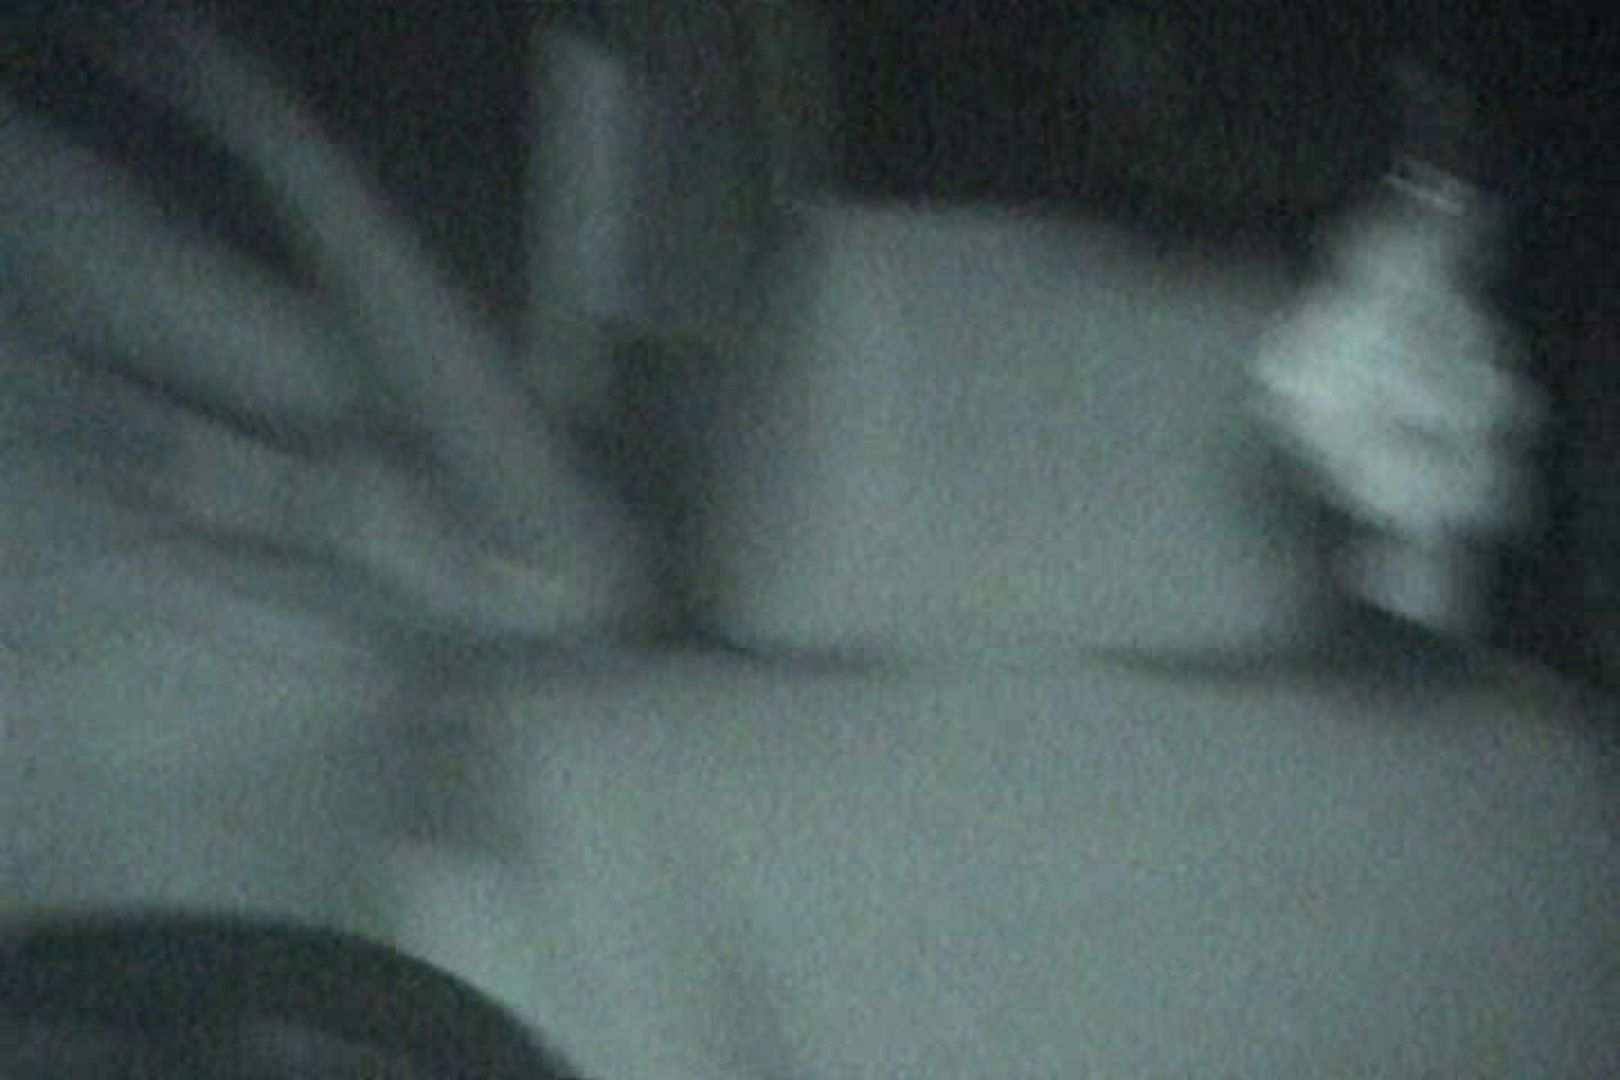 充血監督の深夜の運動会Vol.148 エロティックなOL  88画像 24